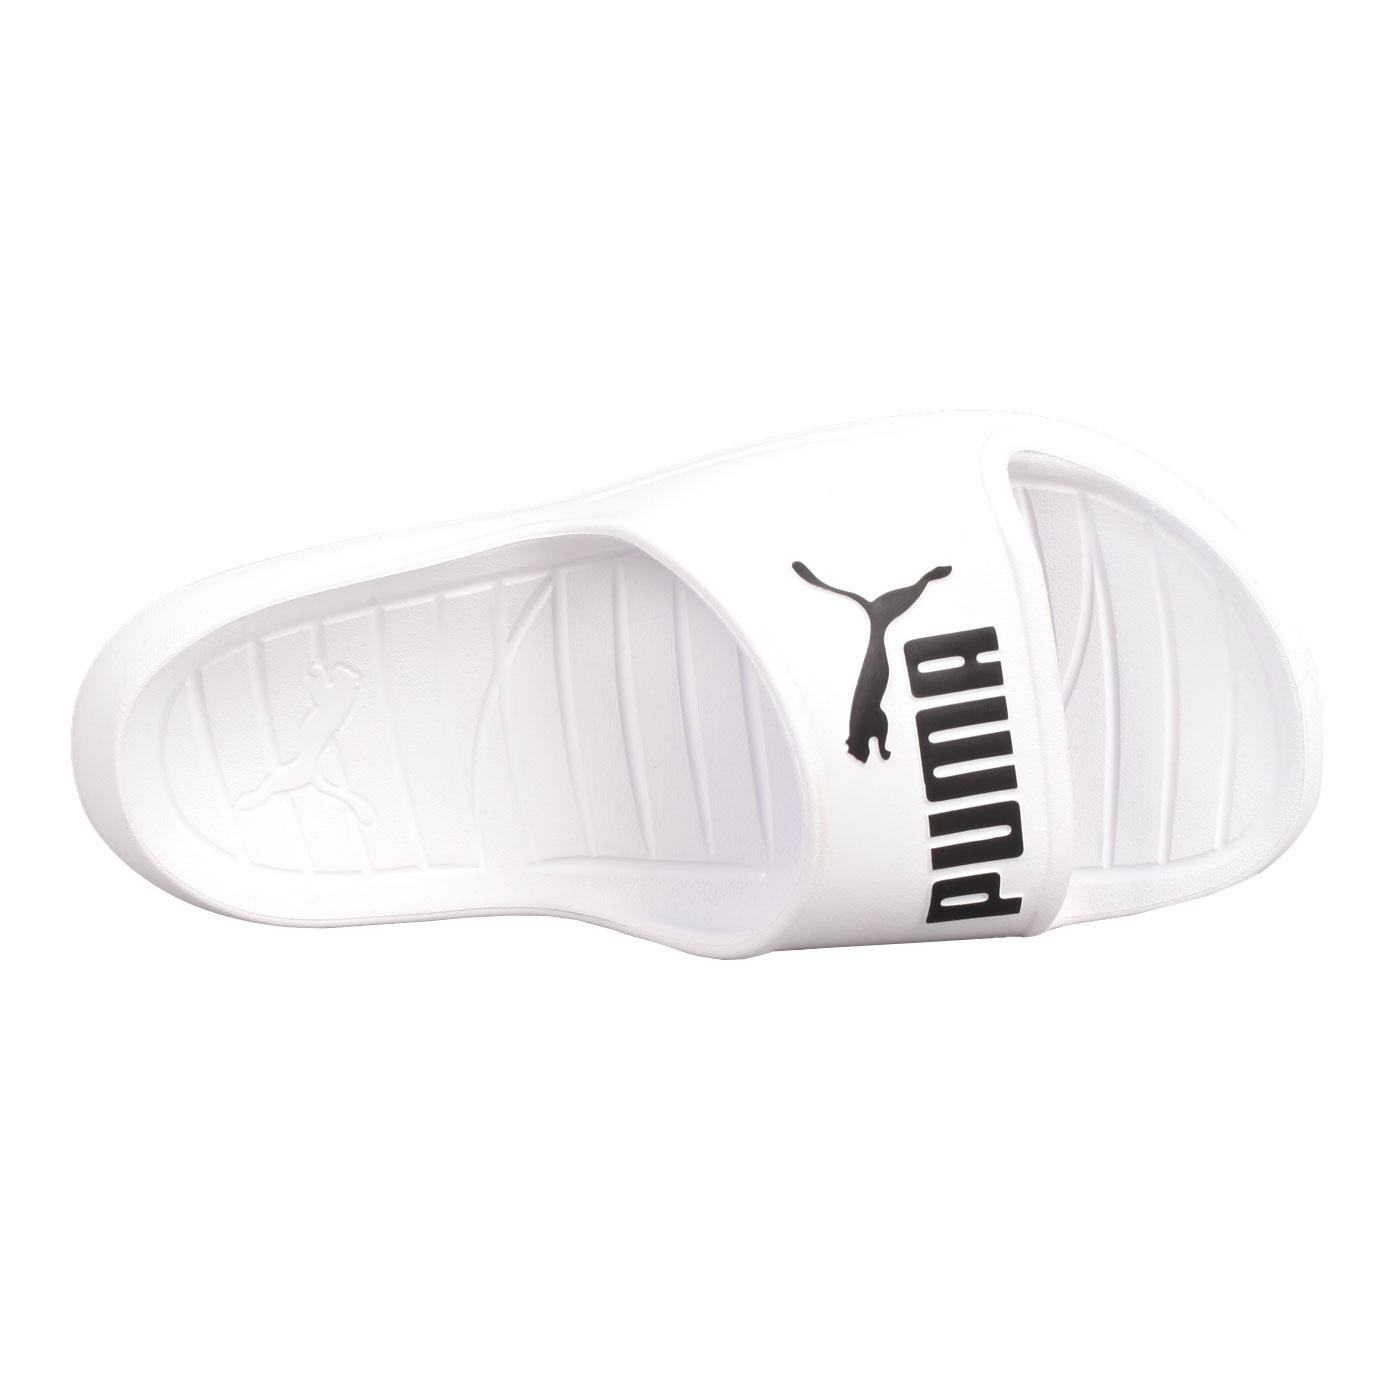 PUMA 運動拖鞋  @Divecat v2@36940001 - 白黑